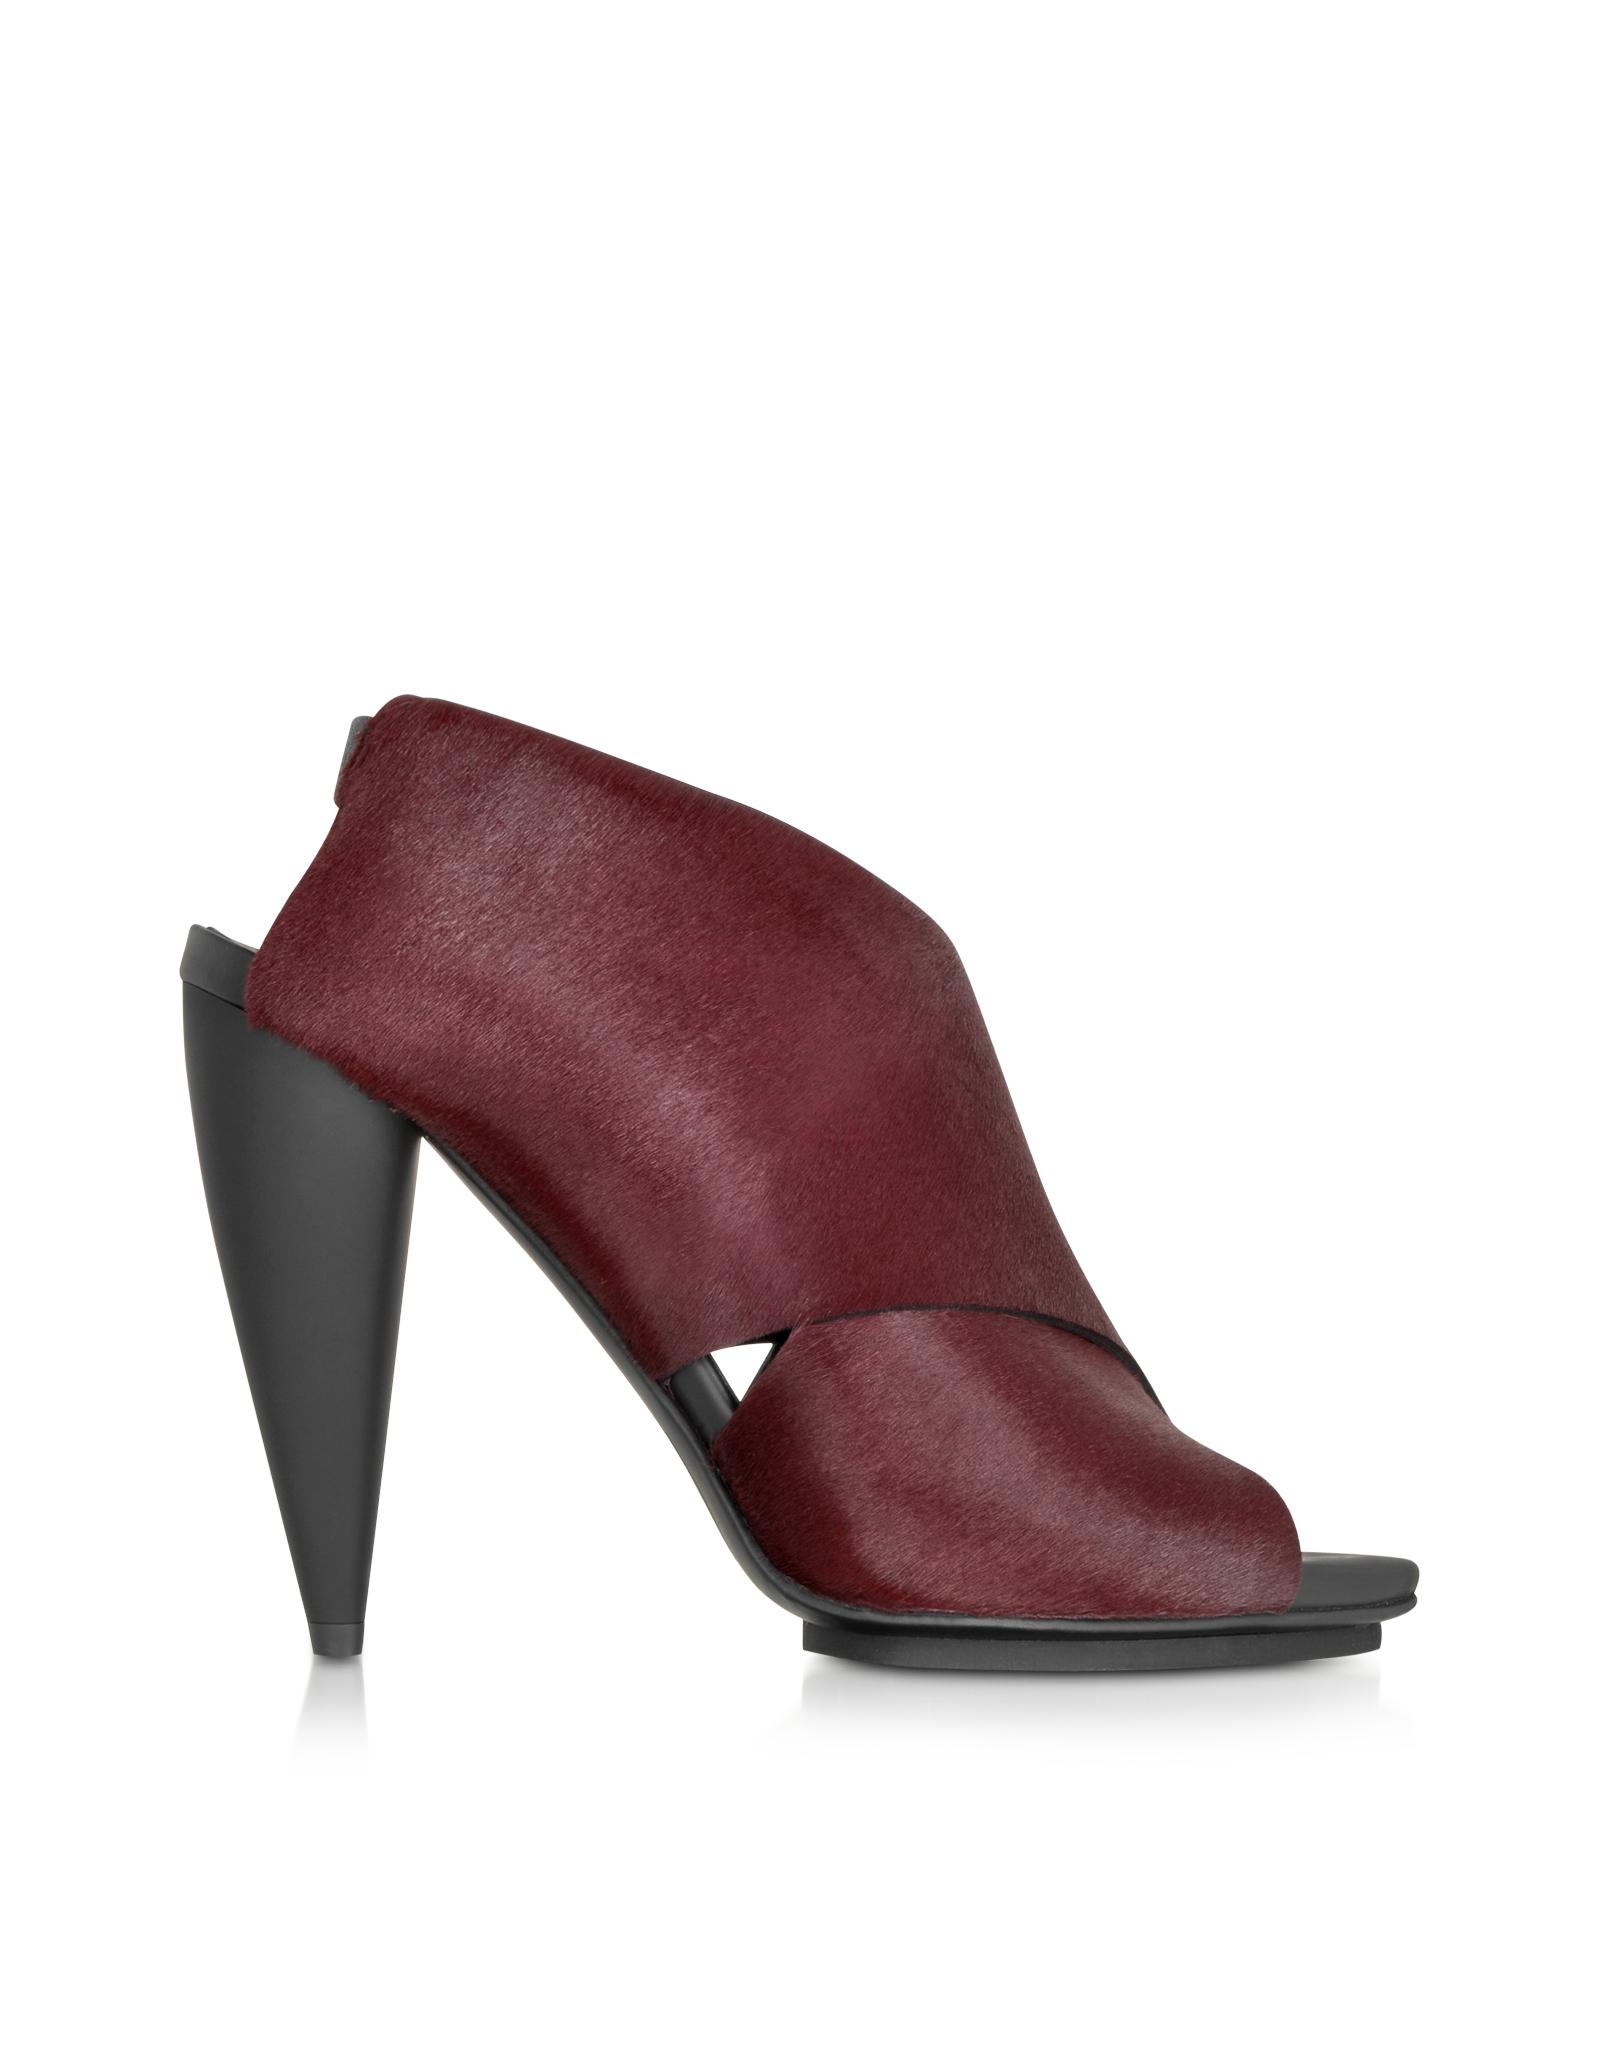 Proenza Schouler Shoes, Bordeaux Kebir Haircalf Slingback Sandal